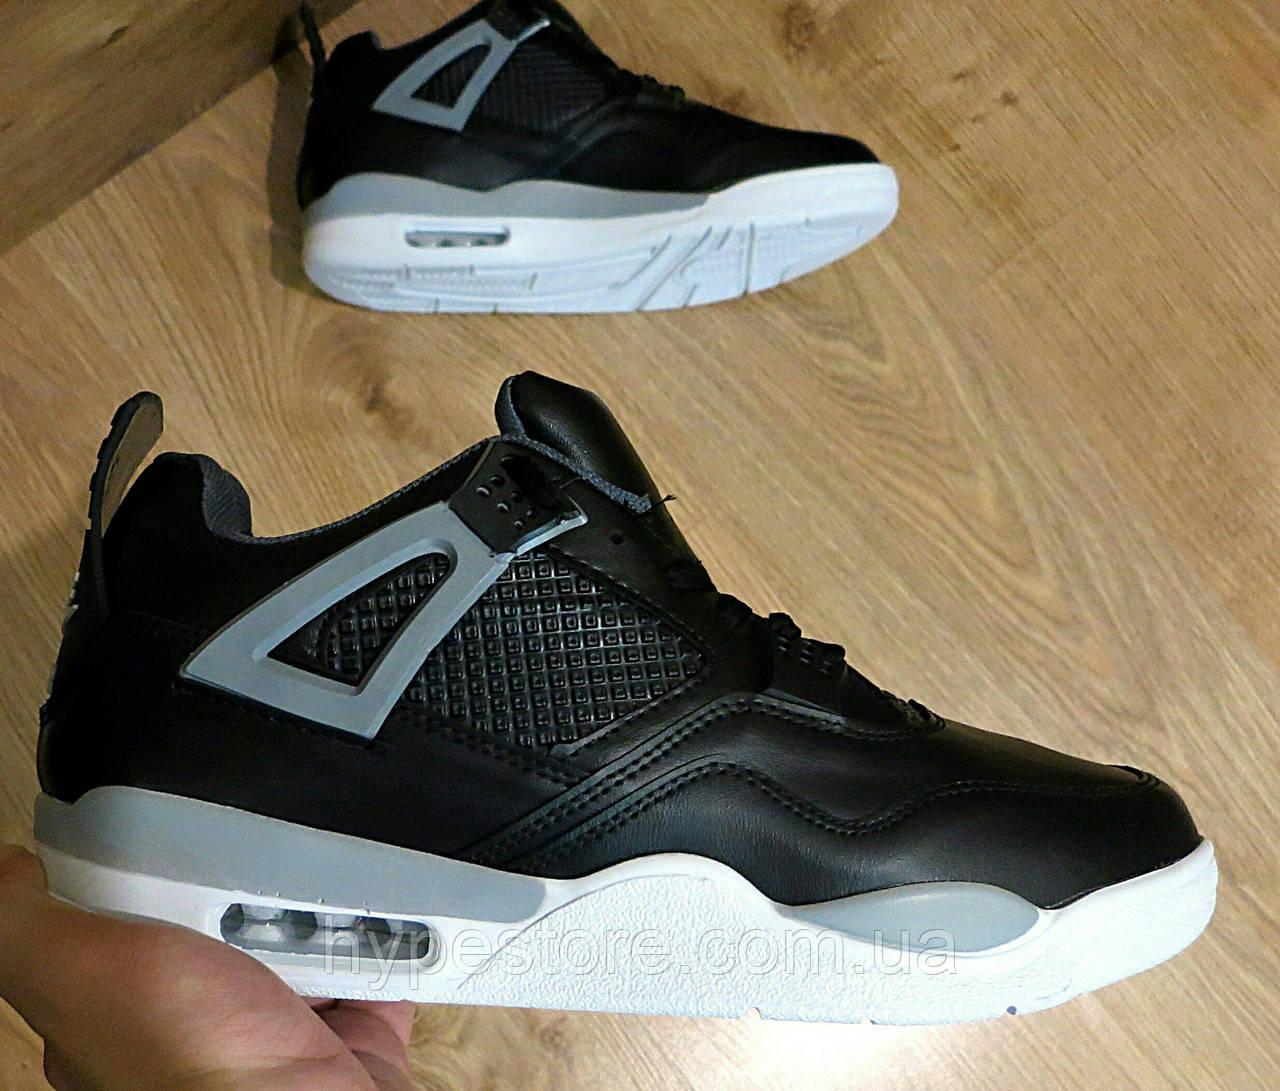 Кроссовки Nike Air Jordan (найк аир джордан)РАСПРОДАЖА, Реплика ... 99a454db858